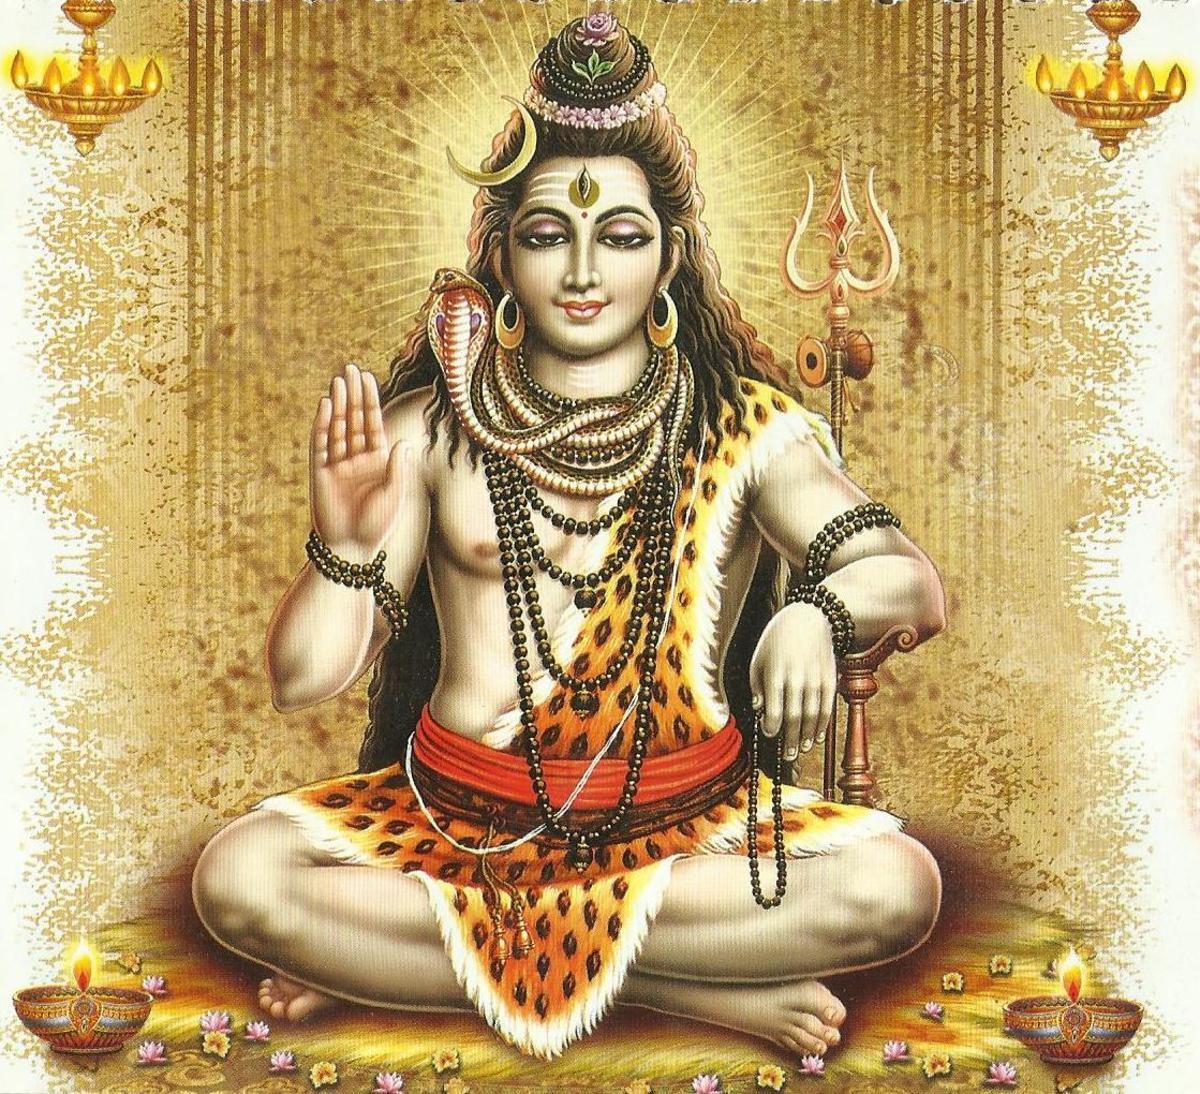 Lord Shiva is worshiped on Shravan Somvar